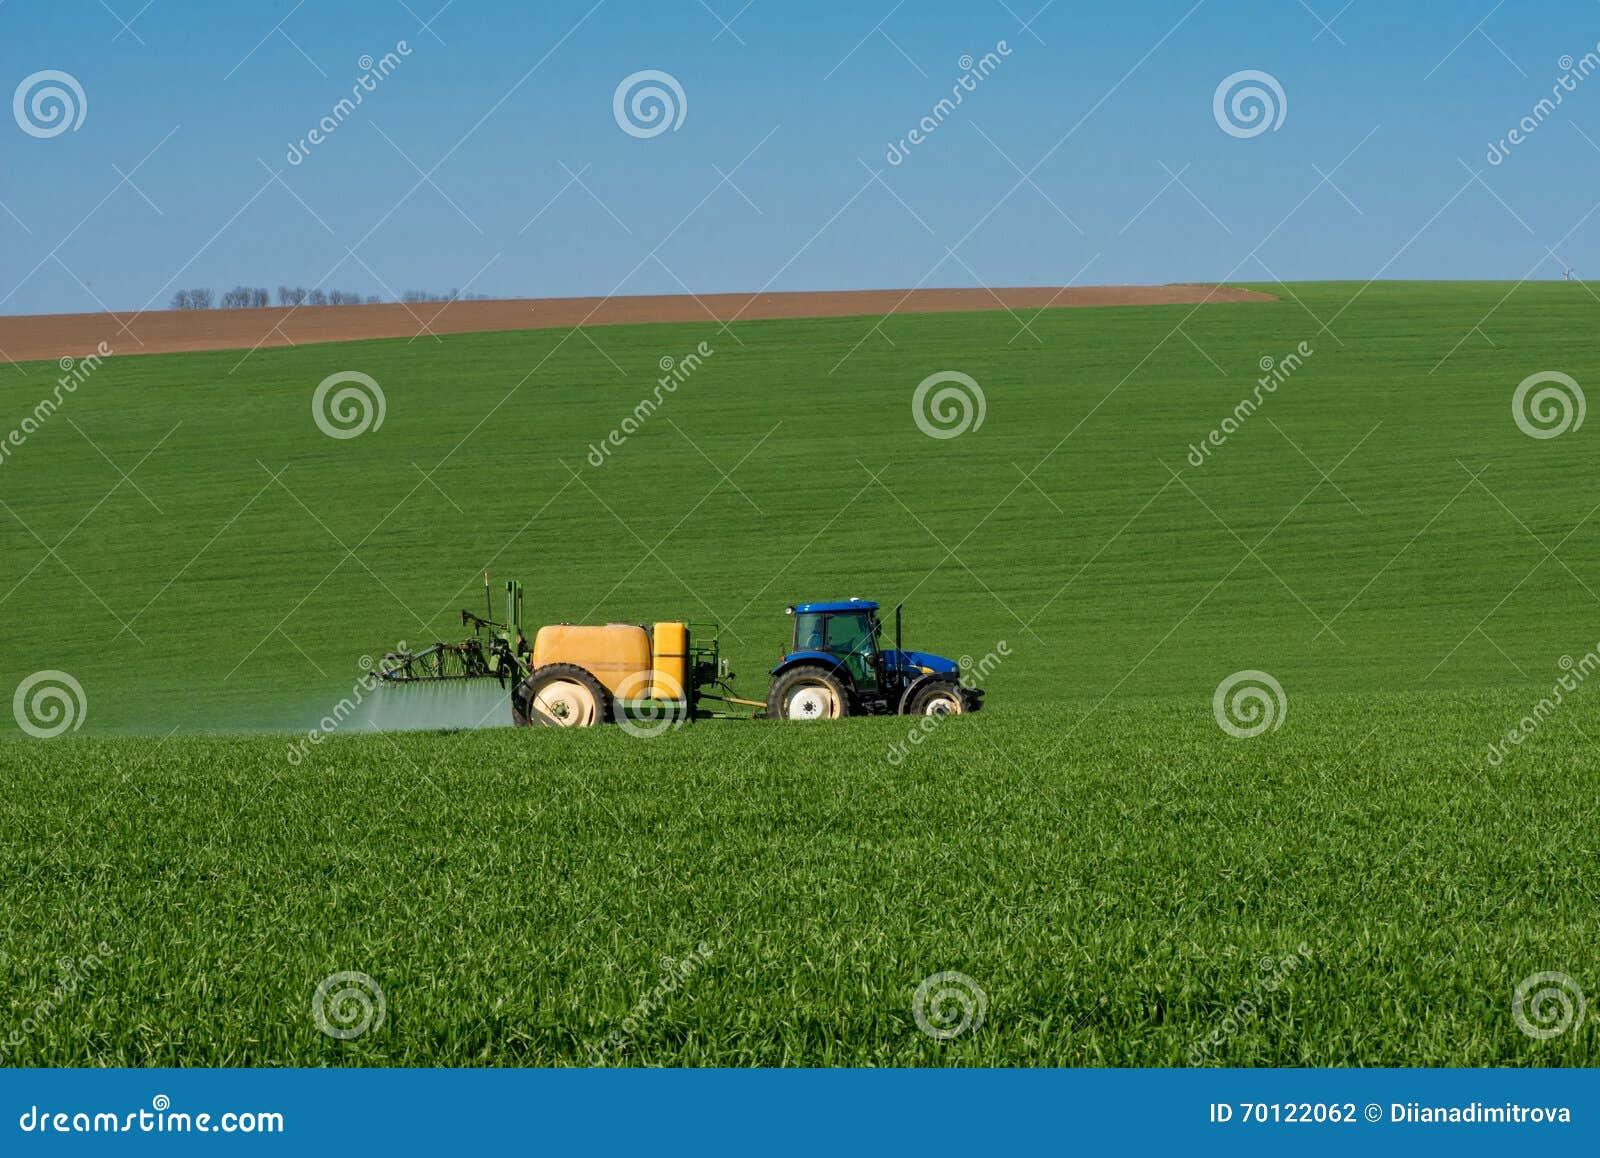 Inseticida de pulverização do trator em um campo de trigo